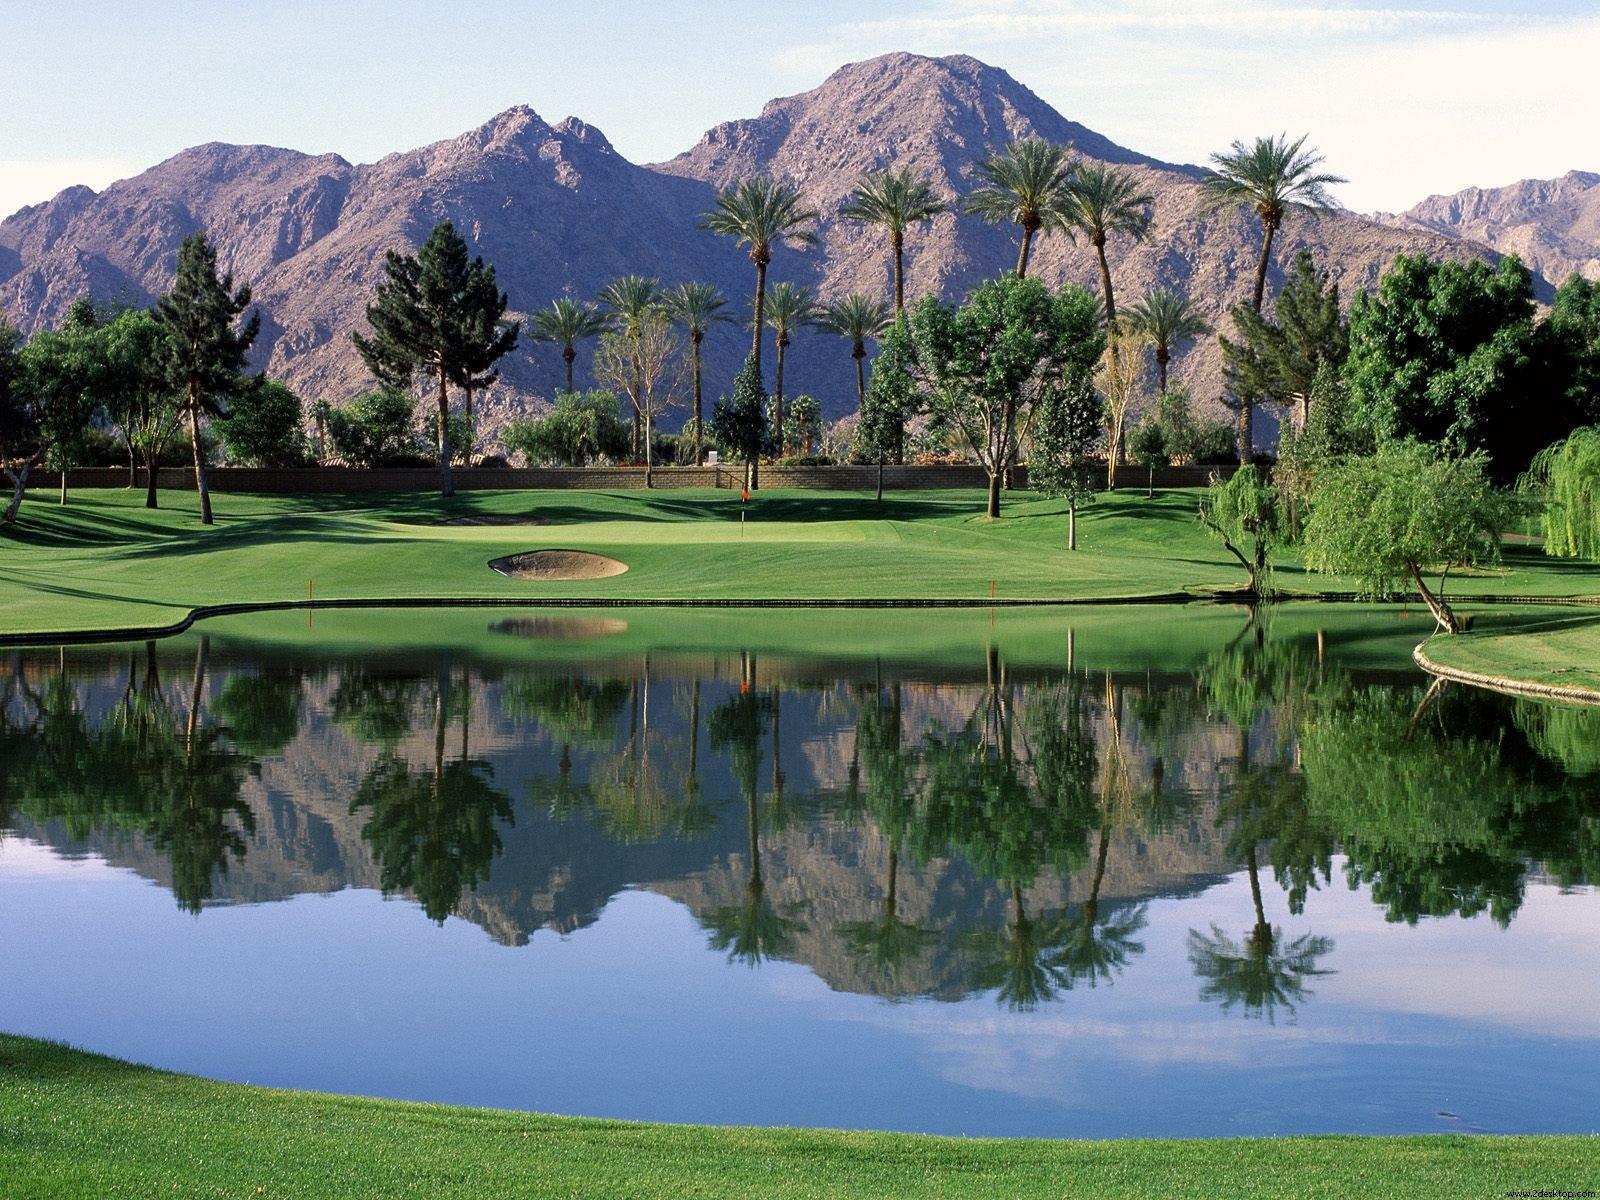 Download grtis de Papis de Parede de Beautiful Golf Course 1600x1200